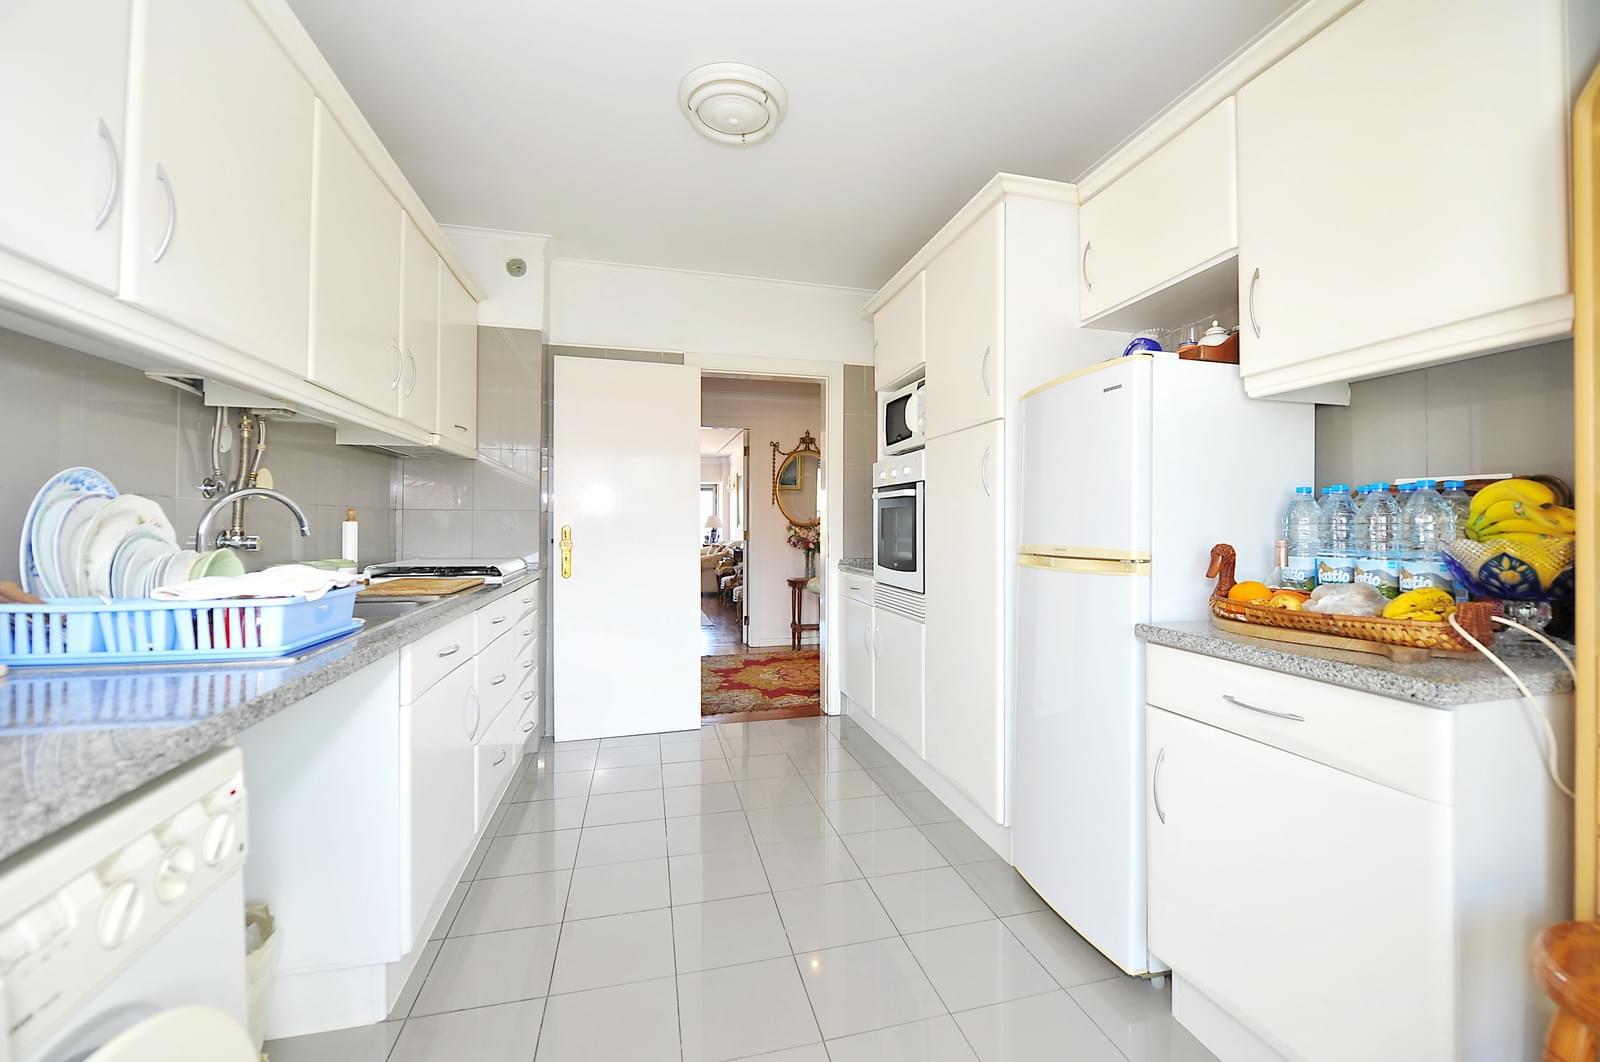 pf16999-apartamento-t2-oeiras-1e47bc29-0230-4086-9fe2-bfa44041f118